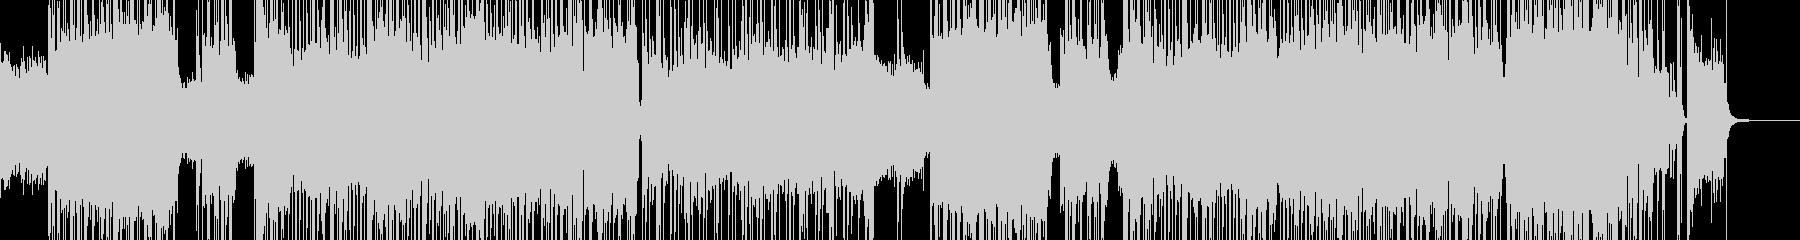 ハイテンションなエレキ・スローロックの未再生の波形